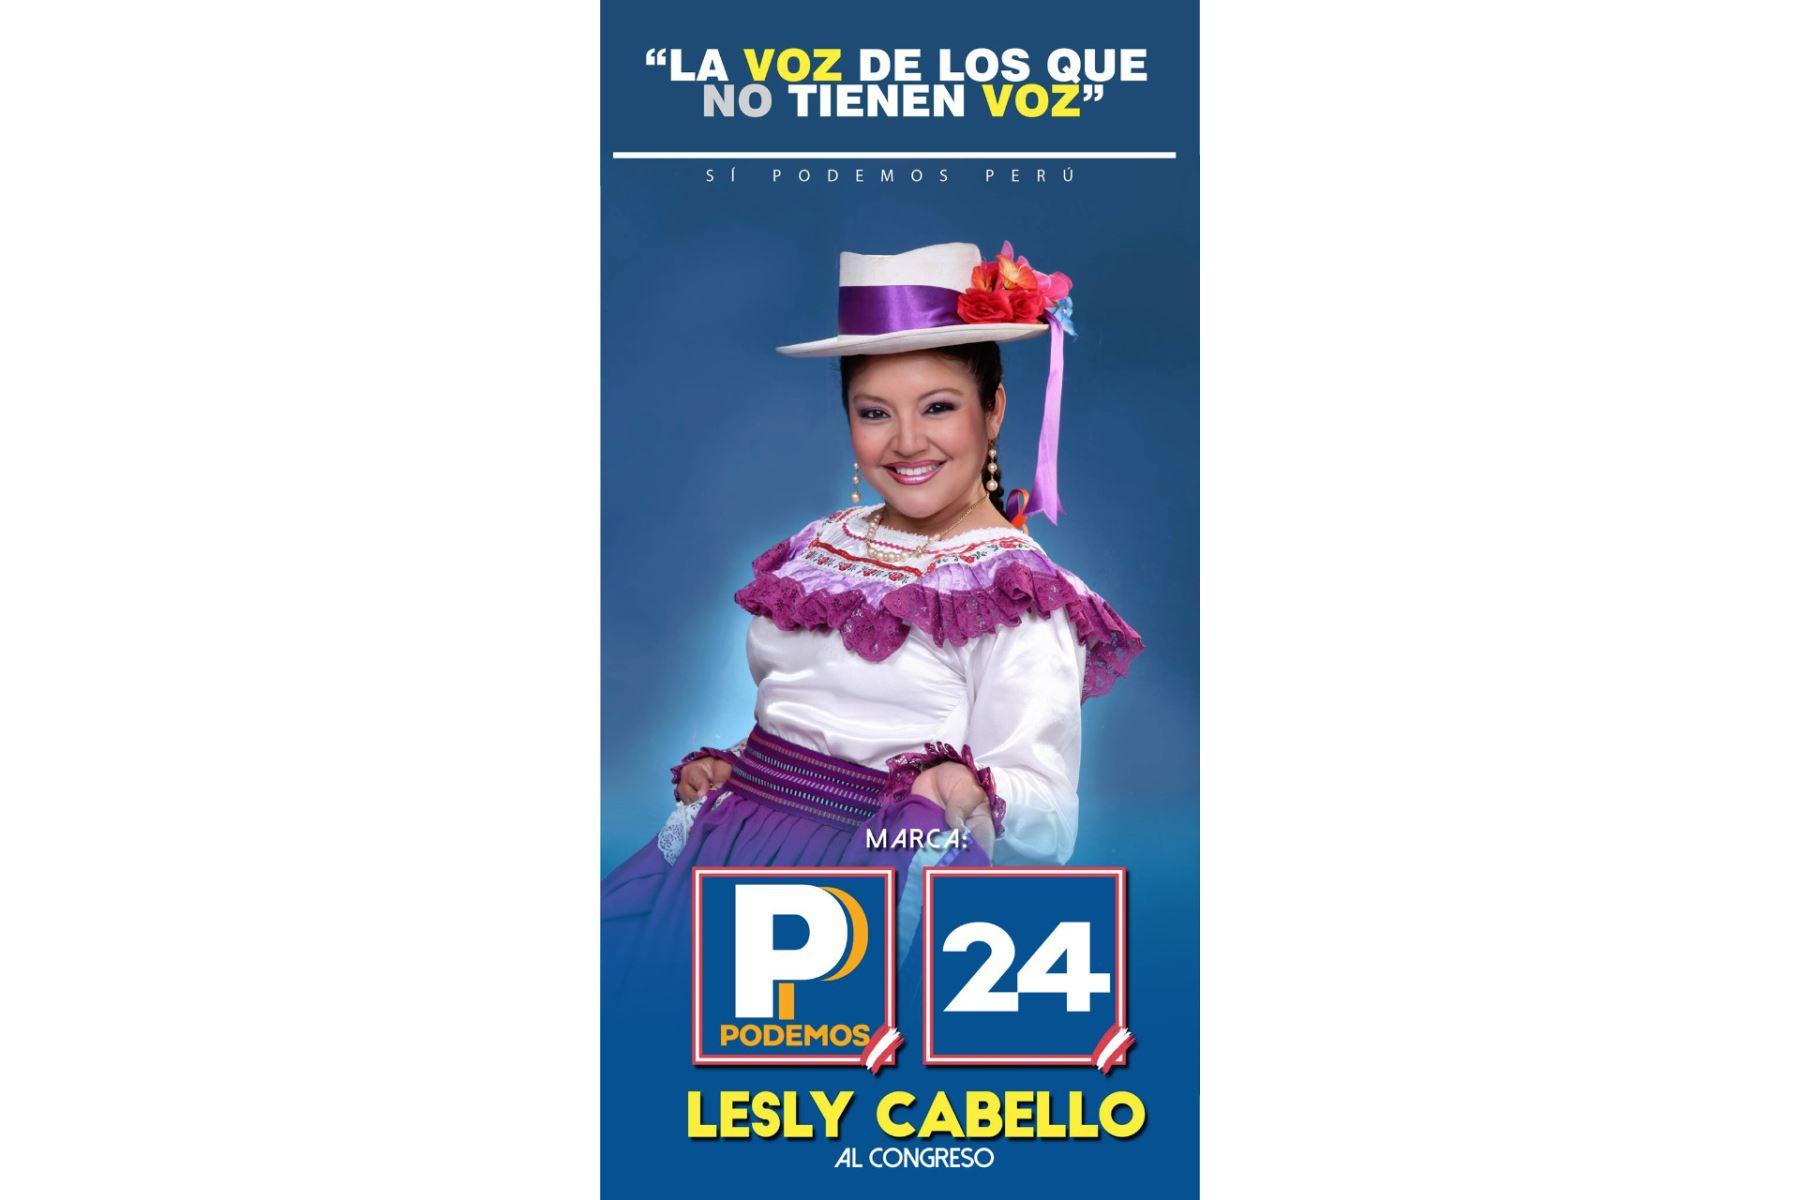 elecciones-2021-candidata-lesly-cabello-propone-un-bono-excepcional-para-artistas